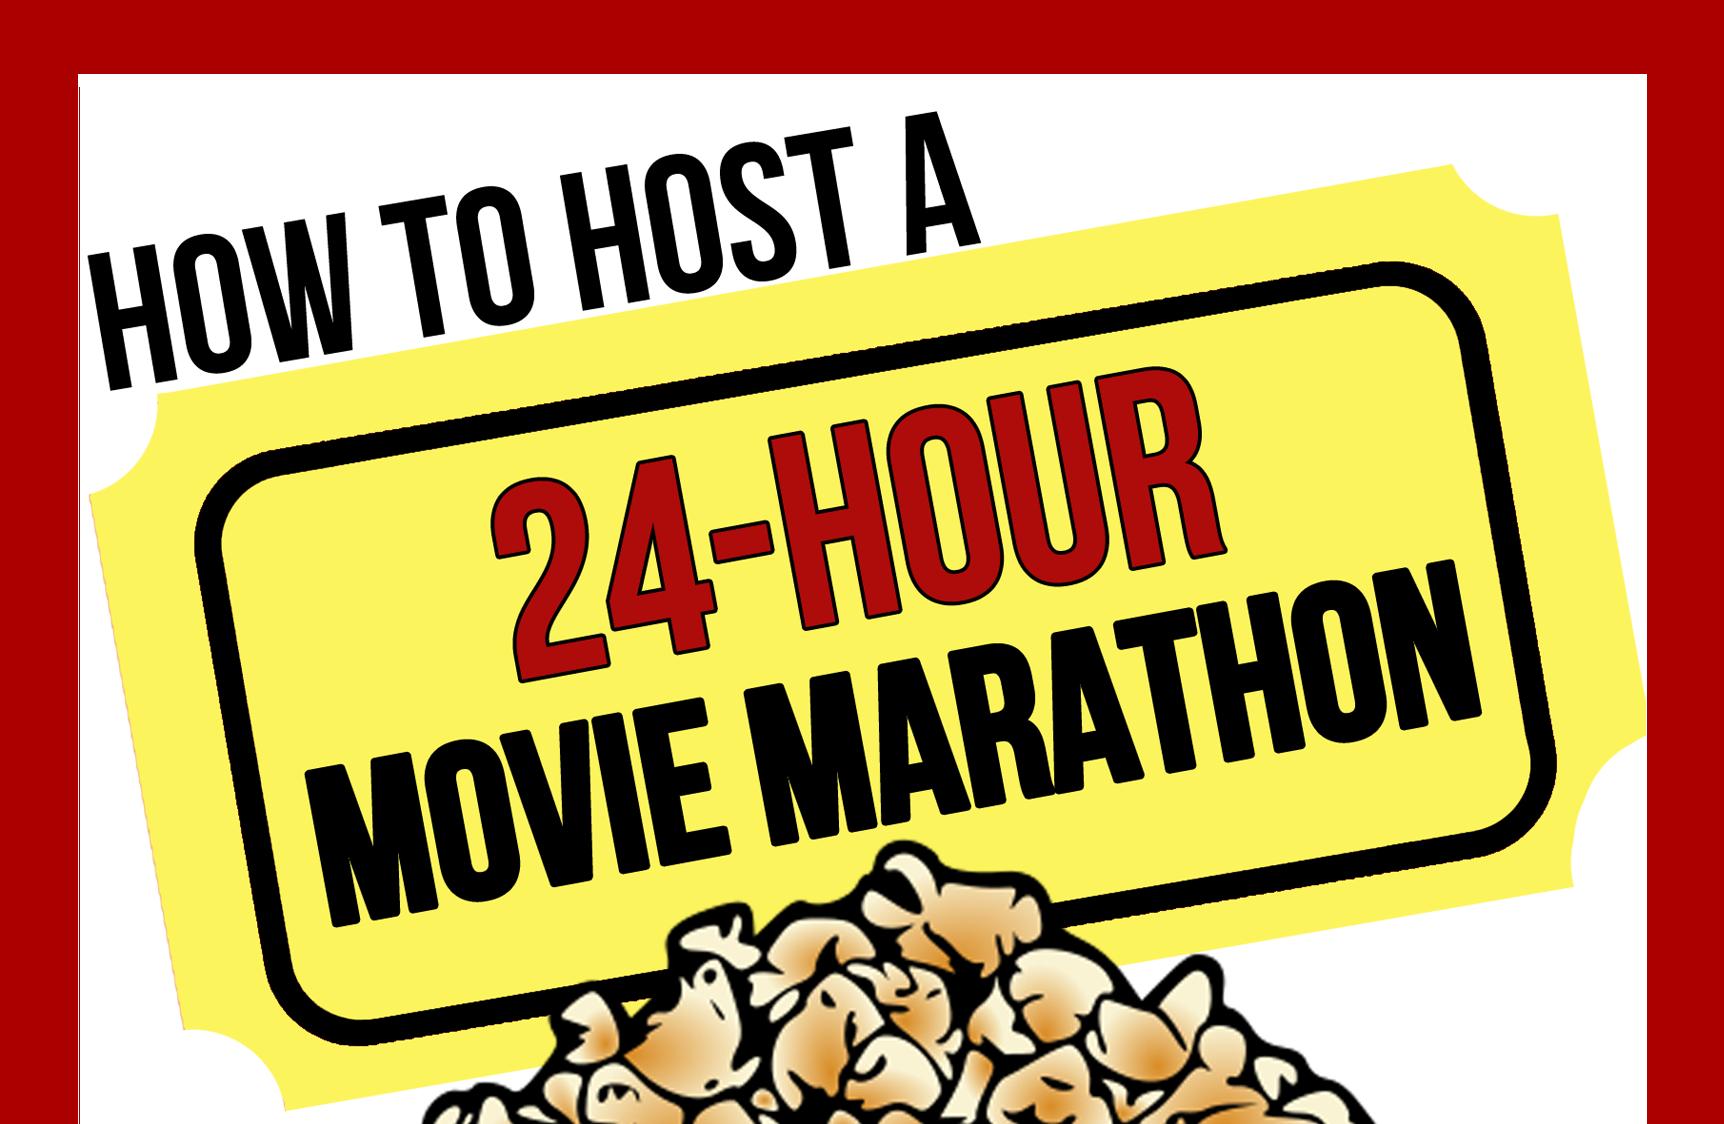 Movie Marathon Book Cover (Half)